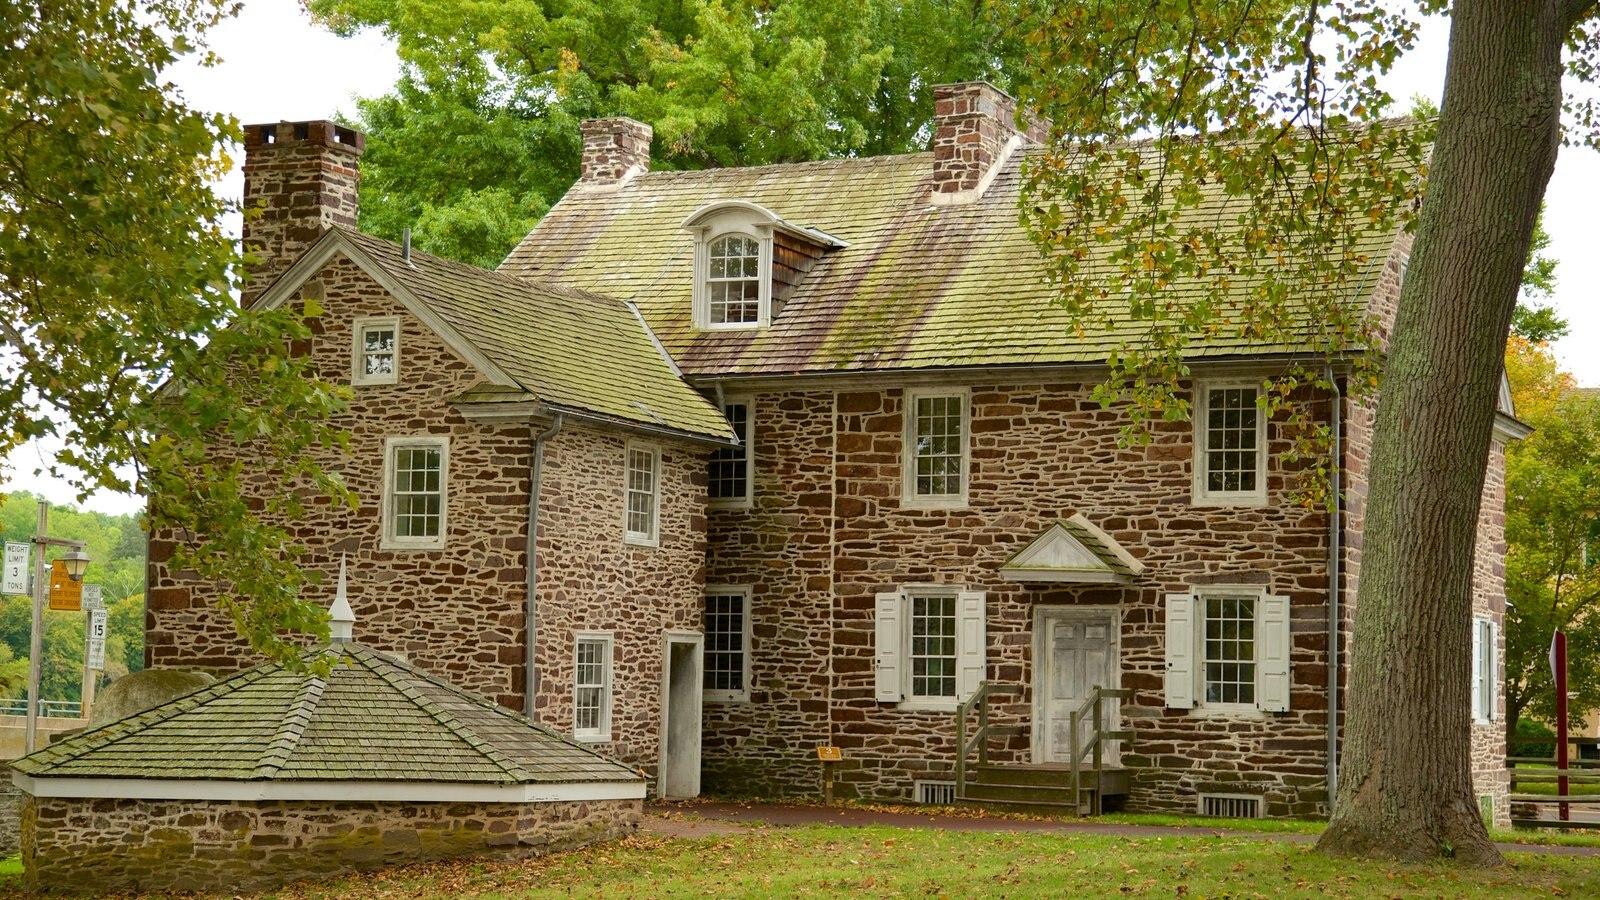 Washington Crossing que incluye una casa y patrimonio de arquitectura